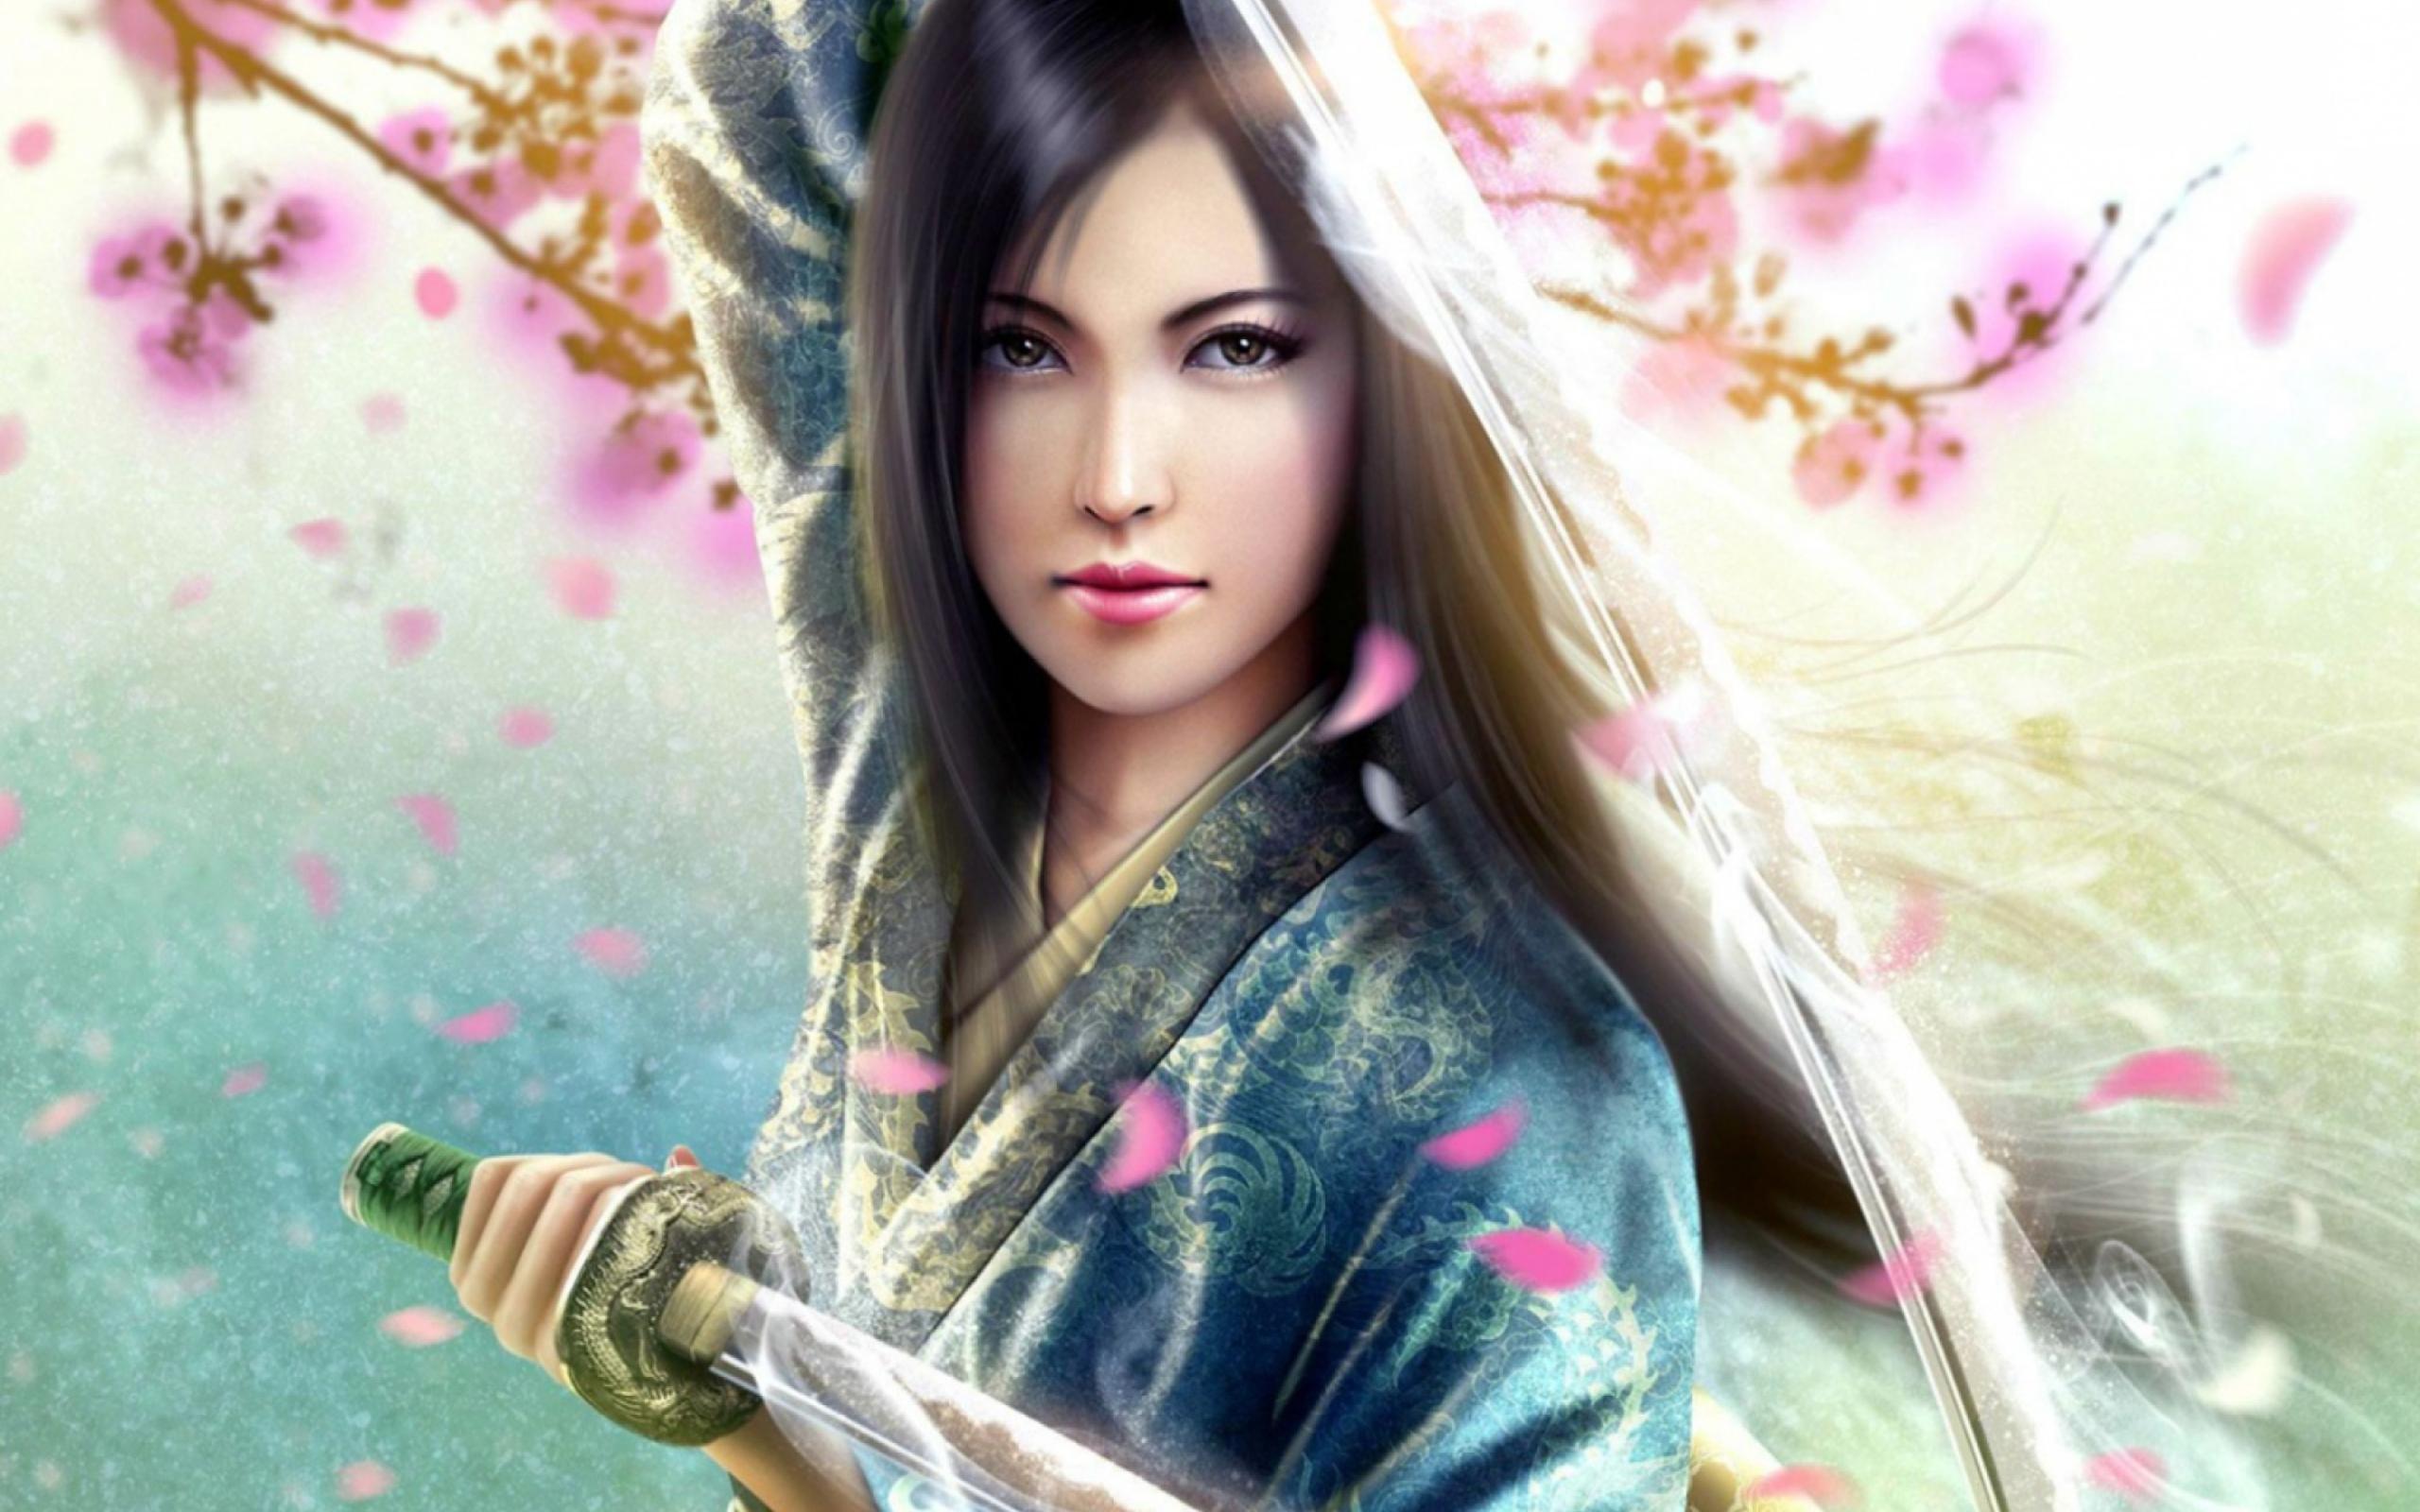 amateur-asian-girl-samurai-sword-martinez-nude